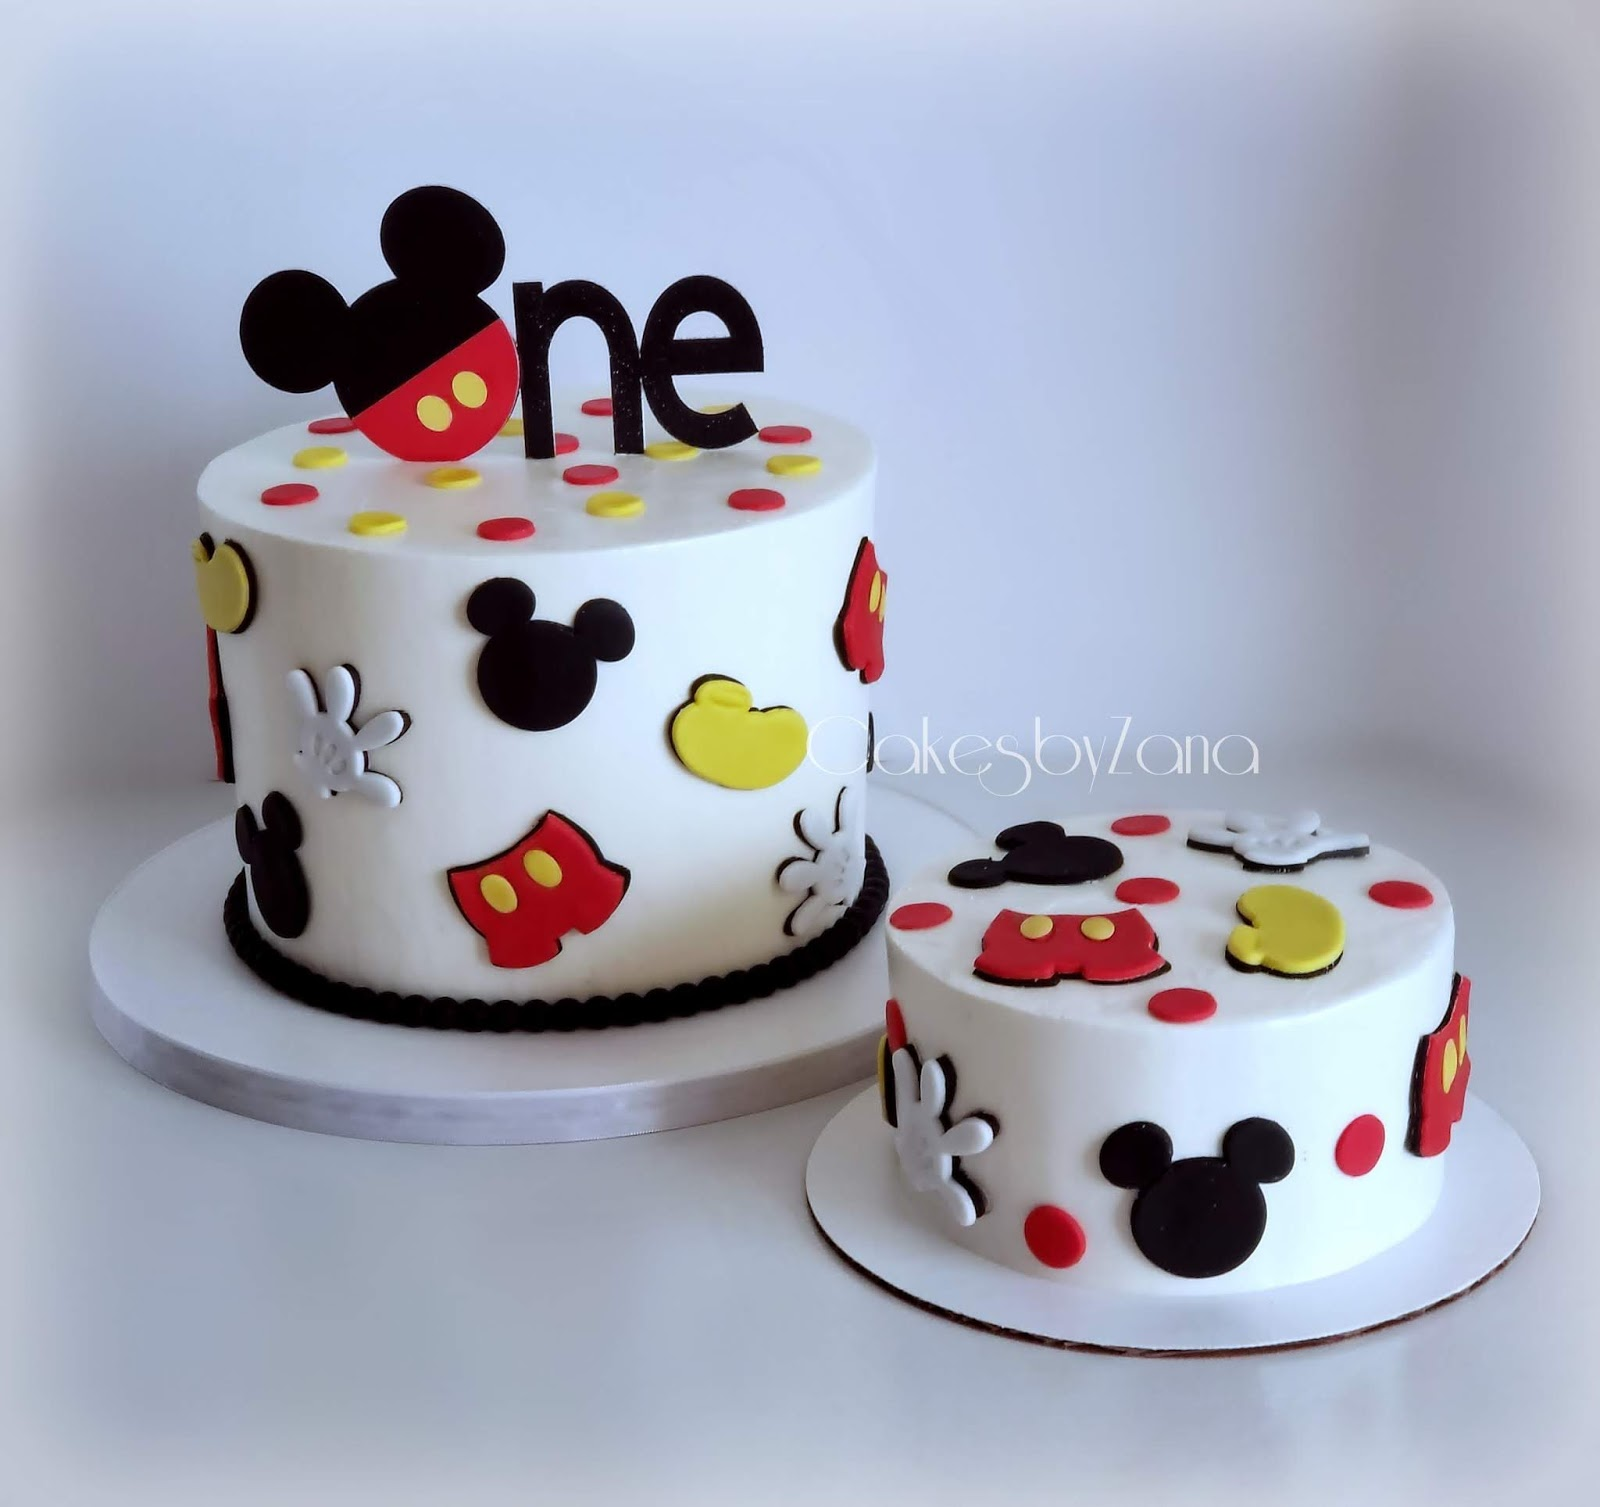 Cakesbyzana Mickey Mouse 1st Birthday Cake